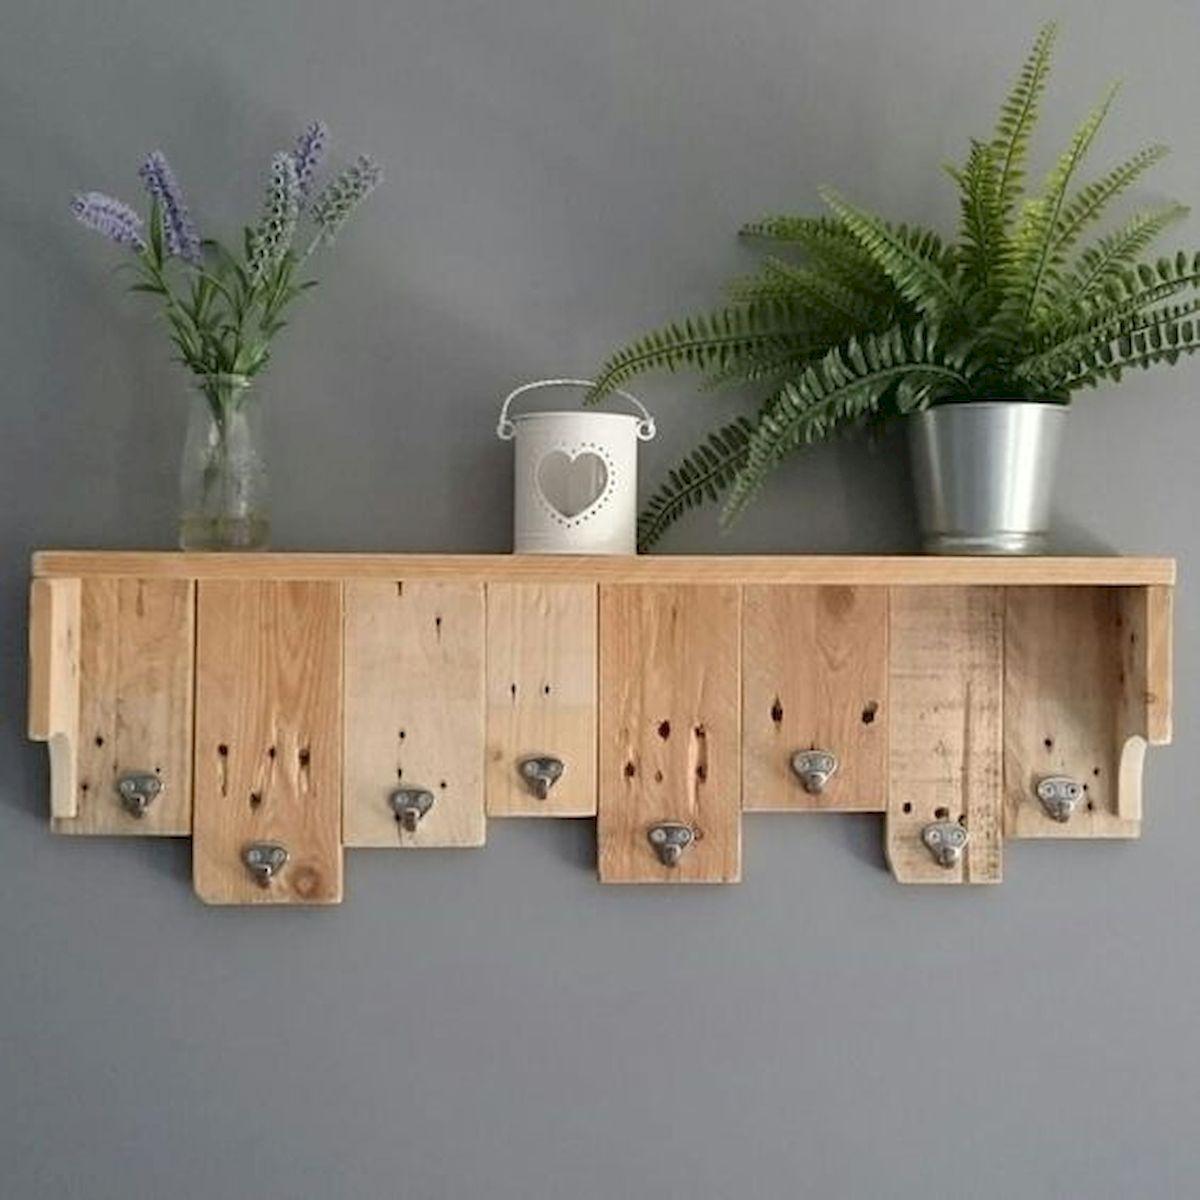 33 Ideas For Pallet Key Rack33decor Ideas Key Pallet Rack33decor Goodecor 33 Ideas For Palle In 2020 Diy Wood Projects Diy Pallet Projects Diy Wooden Projects